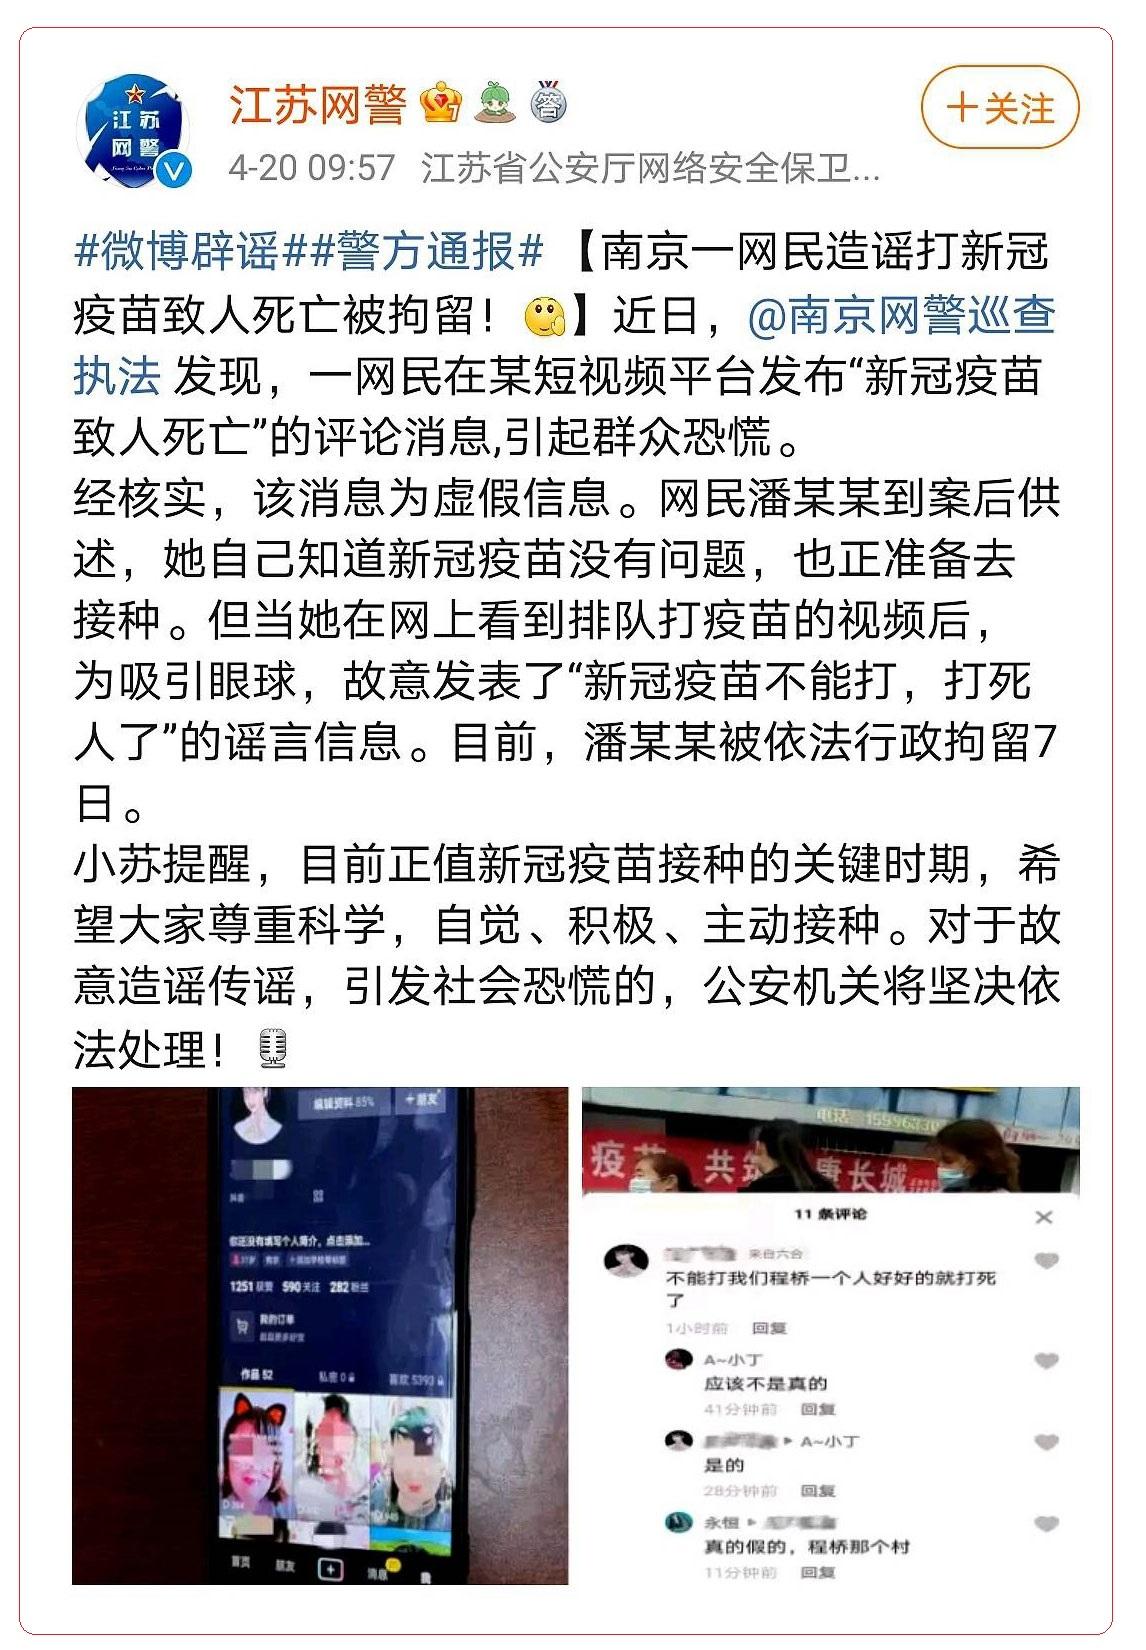 南京警方指一网民发布新冠疫苗致人死短视频,处以行政拘留。(网页截图)